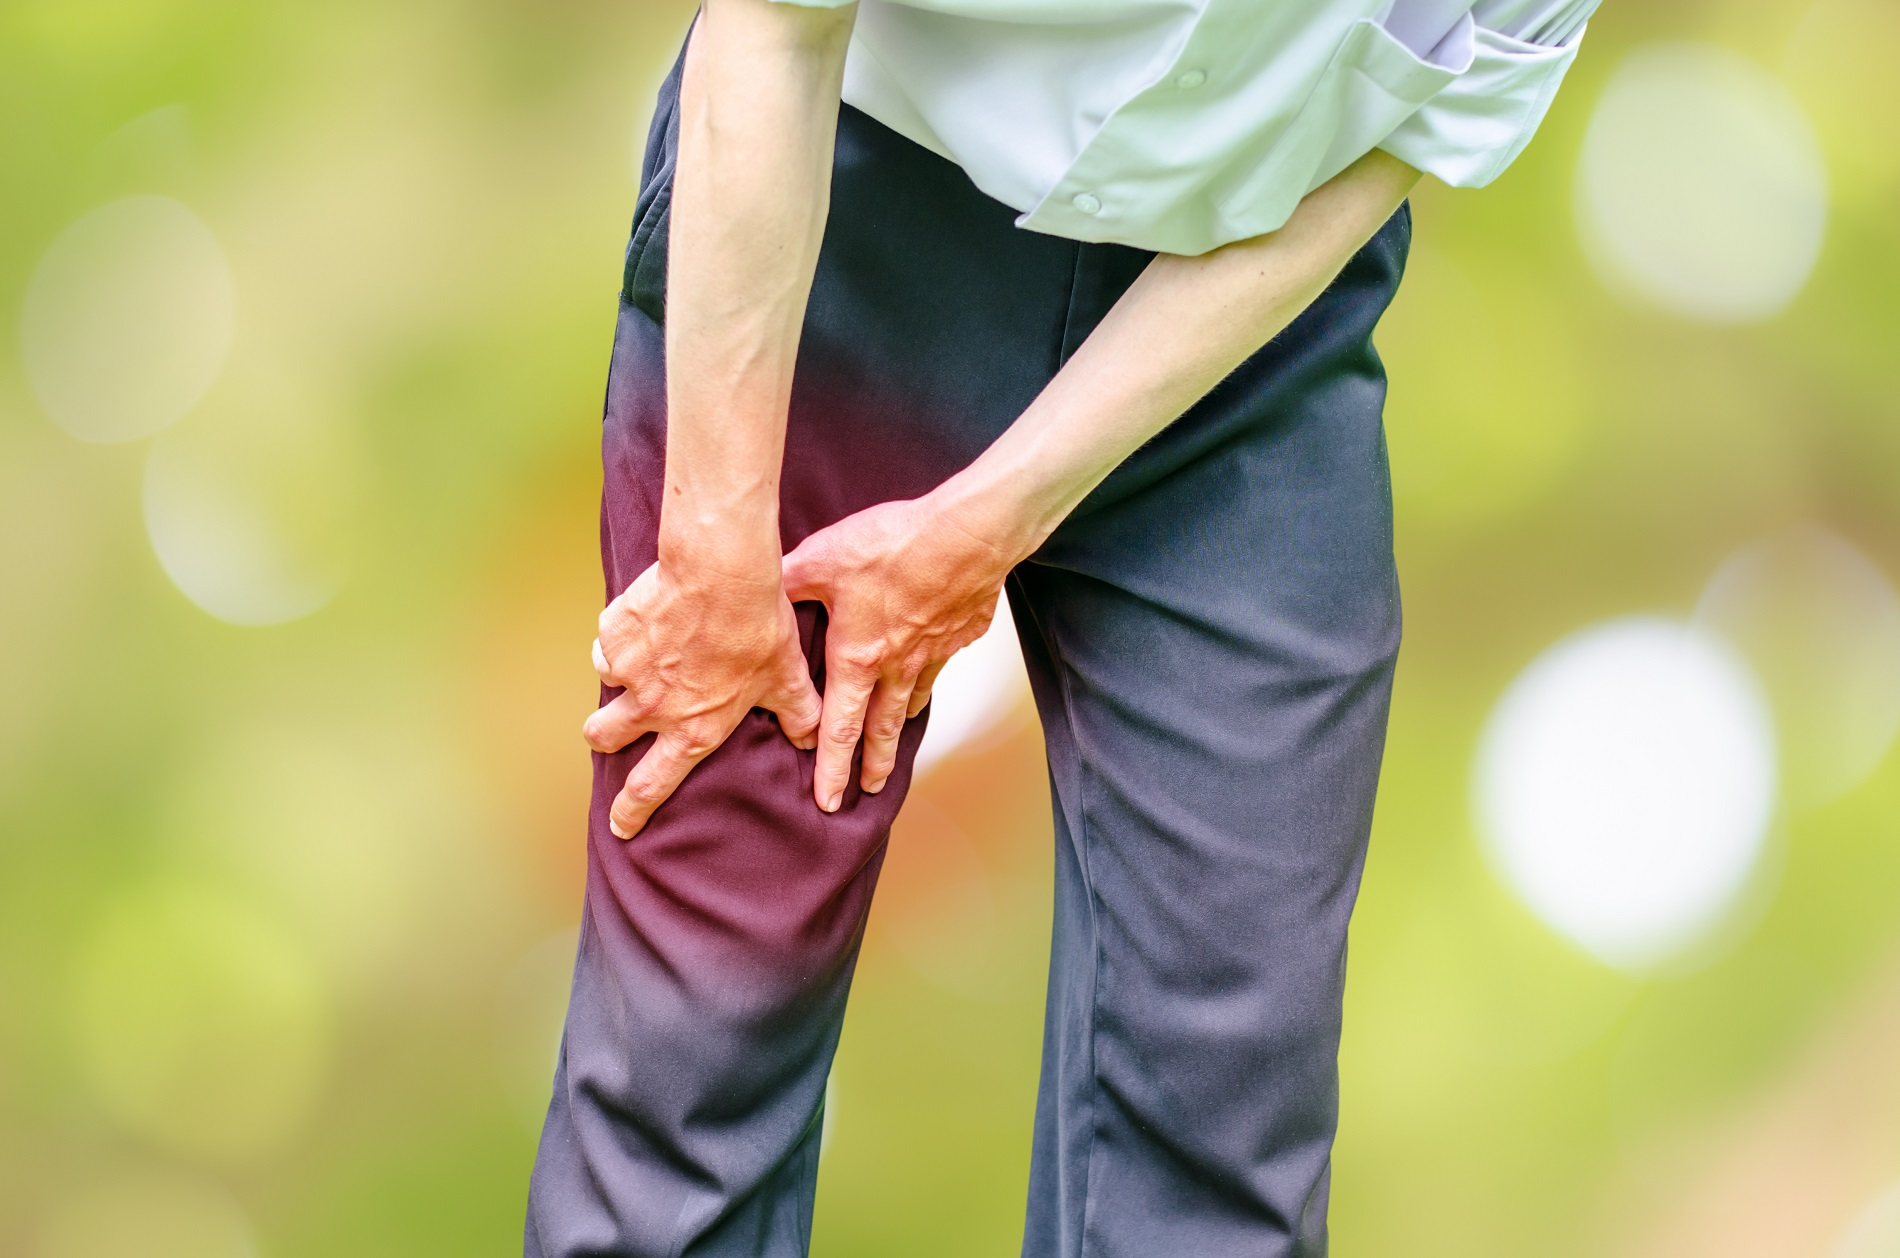 fáj térdízületek térdinjekciók ízületi fájdalmak esetén